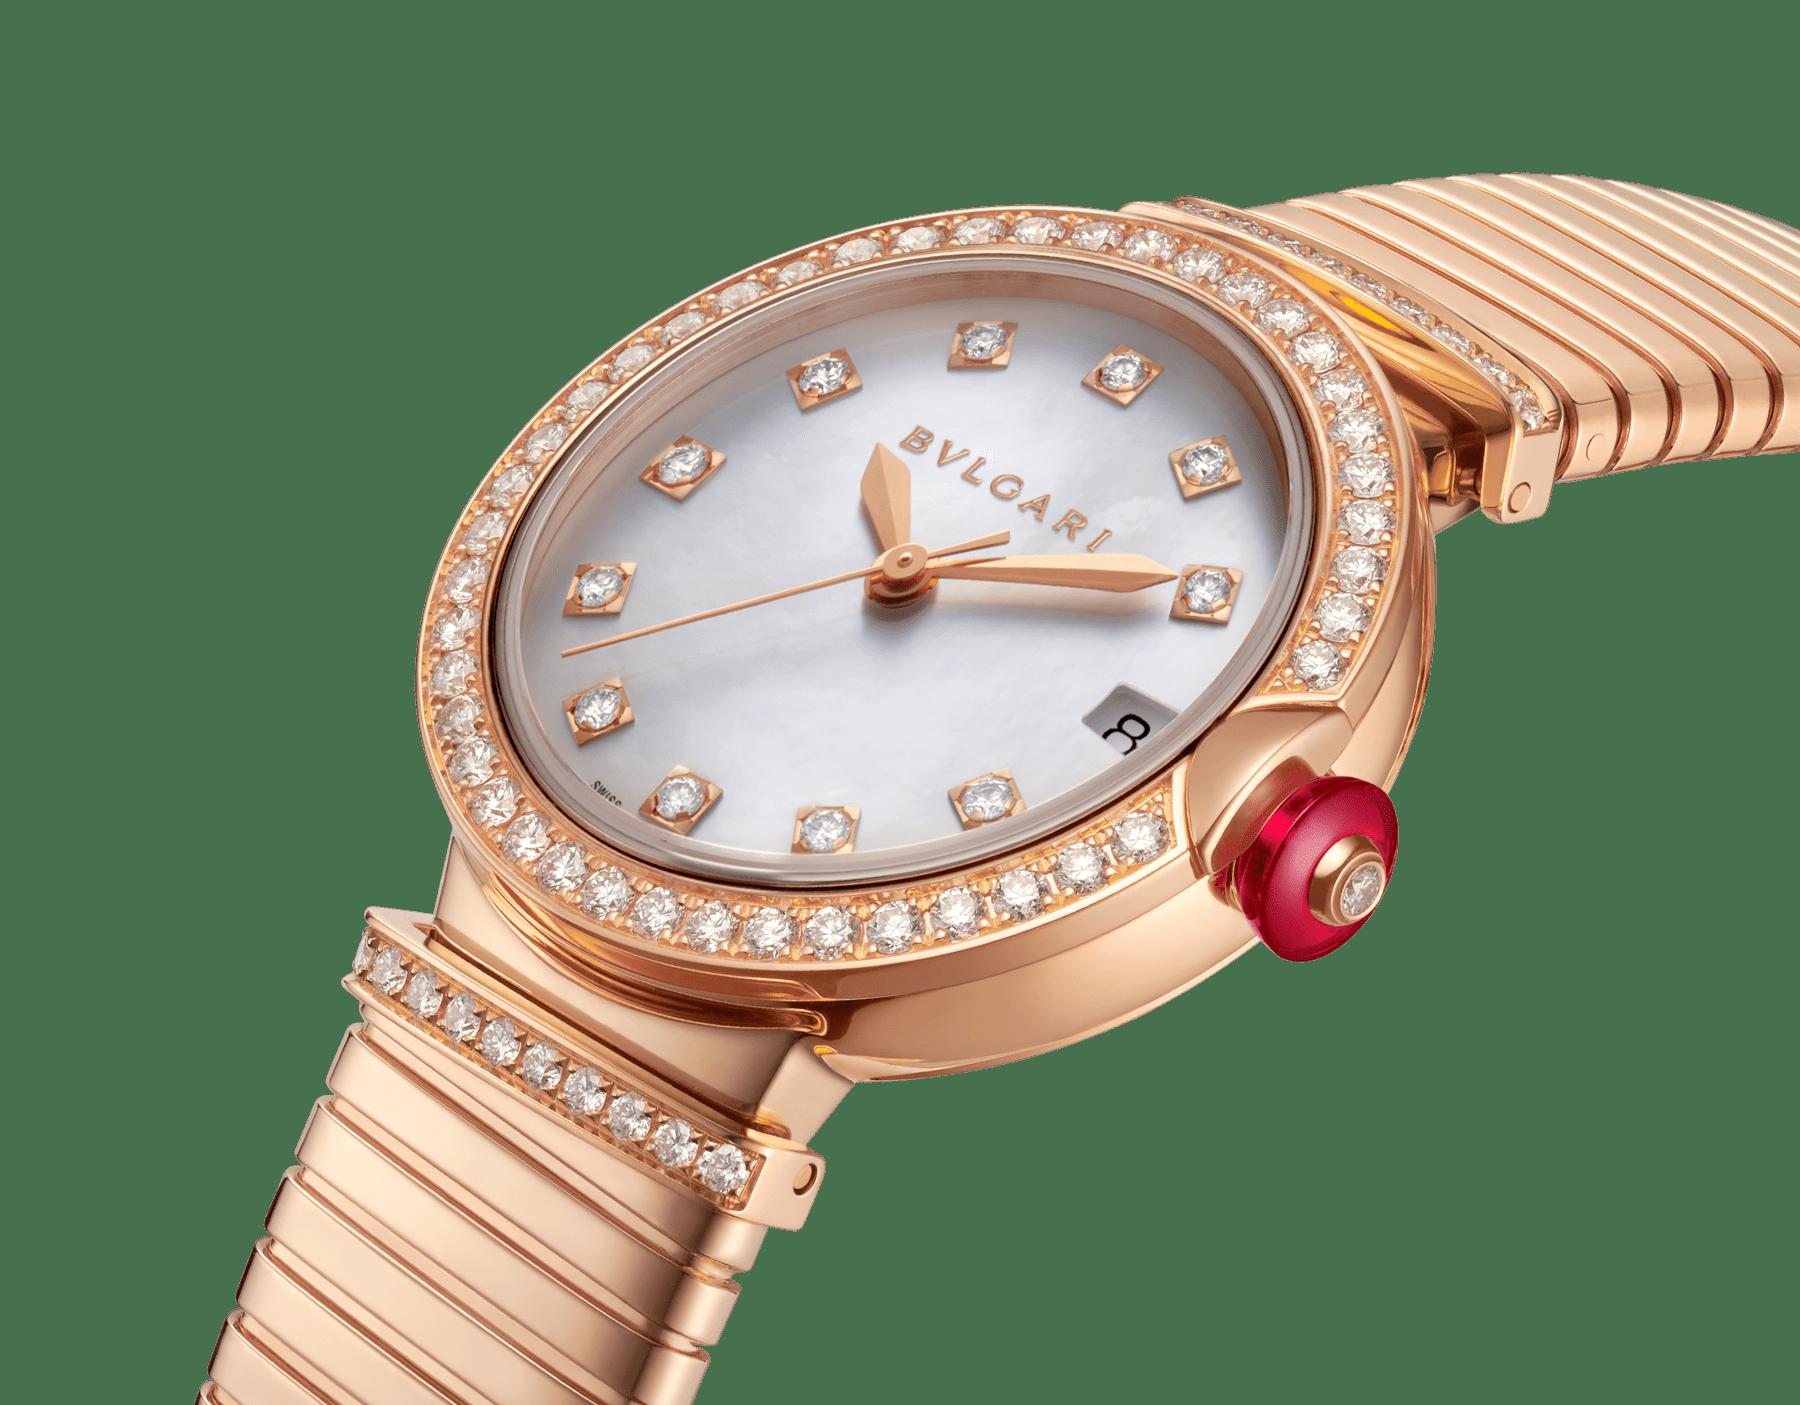 Relógio LVCEA Tubogas com caixa em ouro rosa 18K cravejada com diamantes, mostrador em madrepérola branca, índices de diamante e pulseira tubogas em ouro rosa 18K 103034 image 2